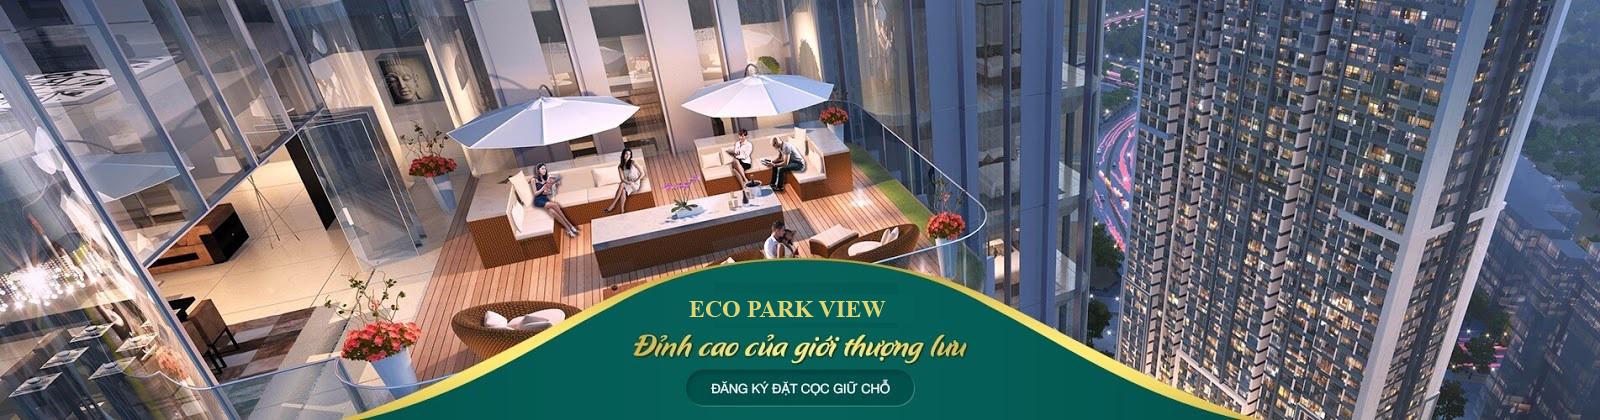 slider_bg_plane_Chung cư Eco Park View 19 Duy Tân